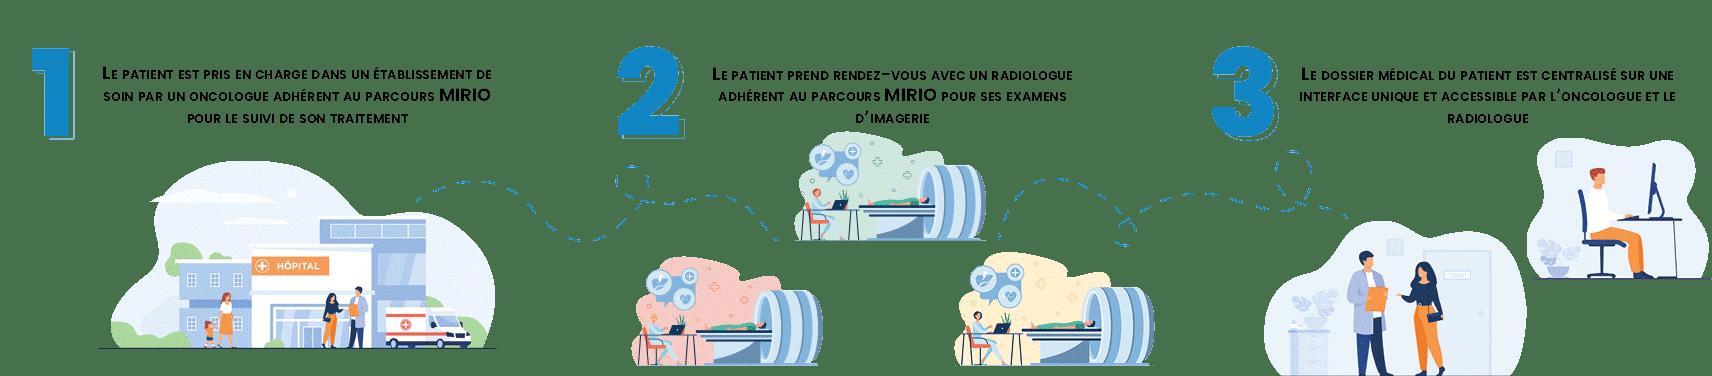 Mirio-oncologie-parcours-patient